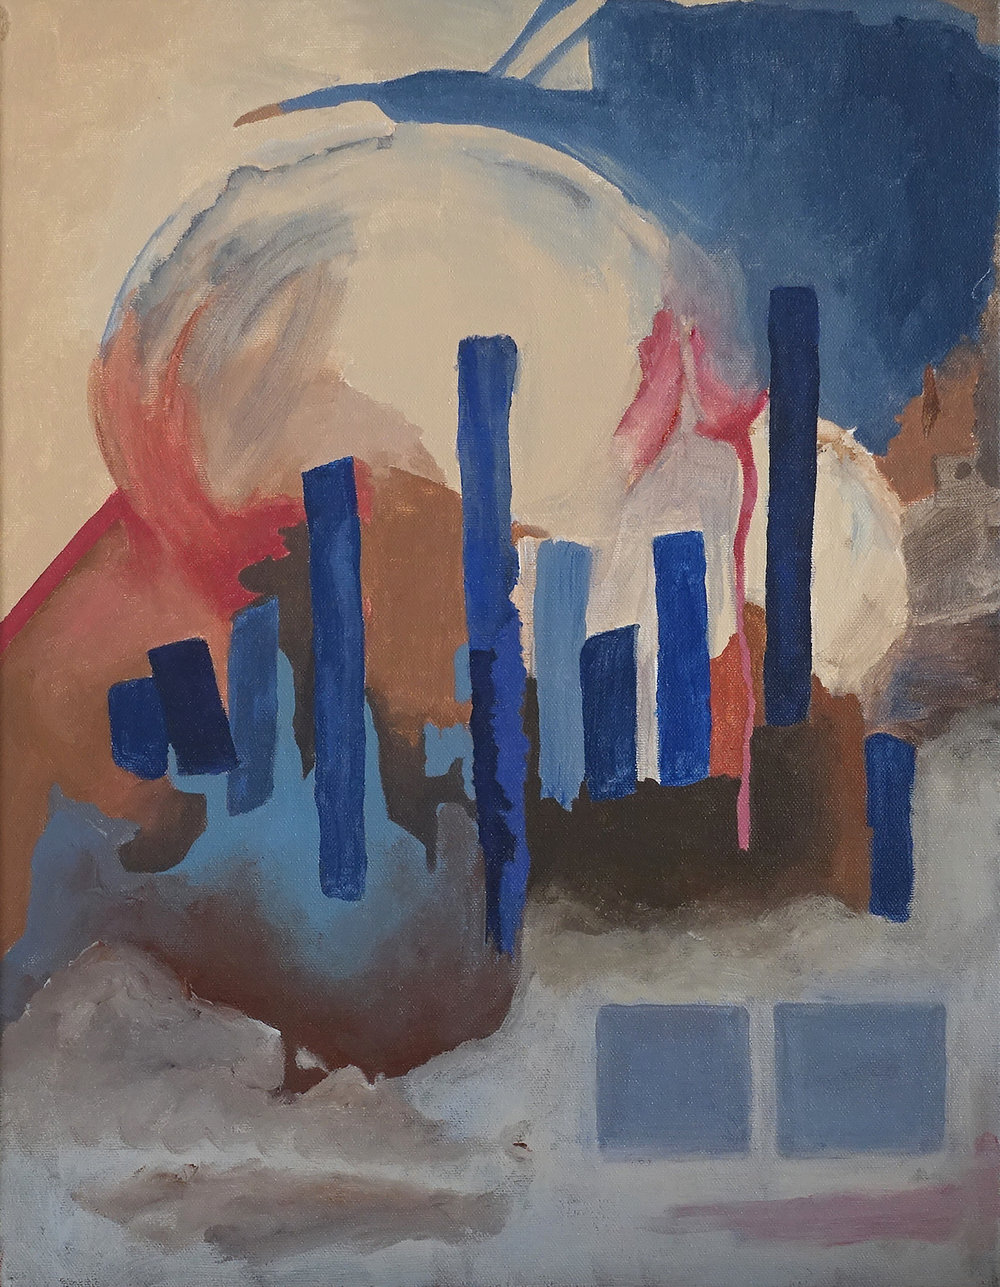 Untitled (Verticals), 2017